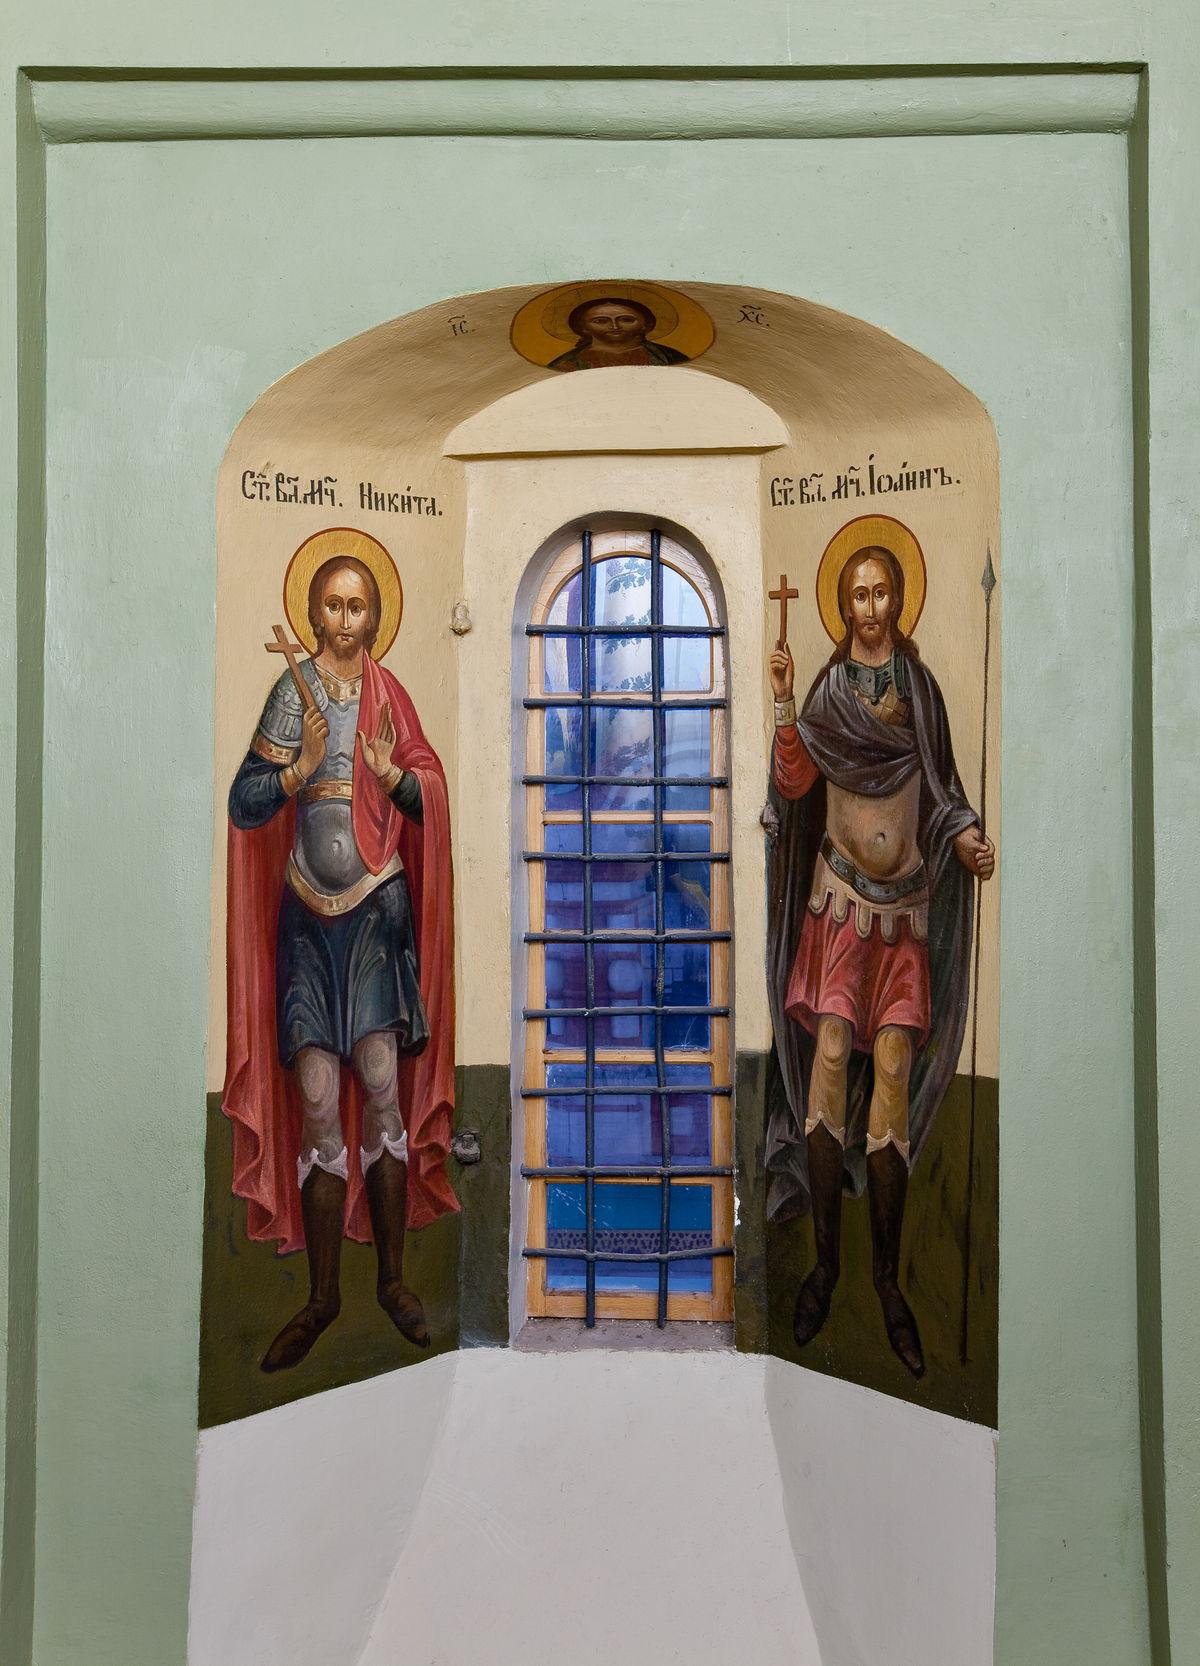 Святые мученики Никита и Иоанн. Настенная роспись церкви